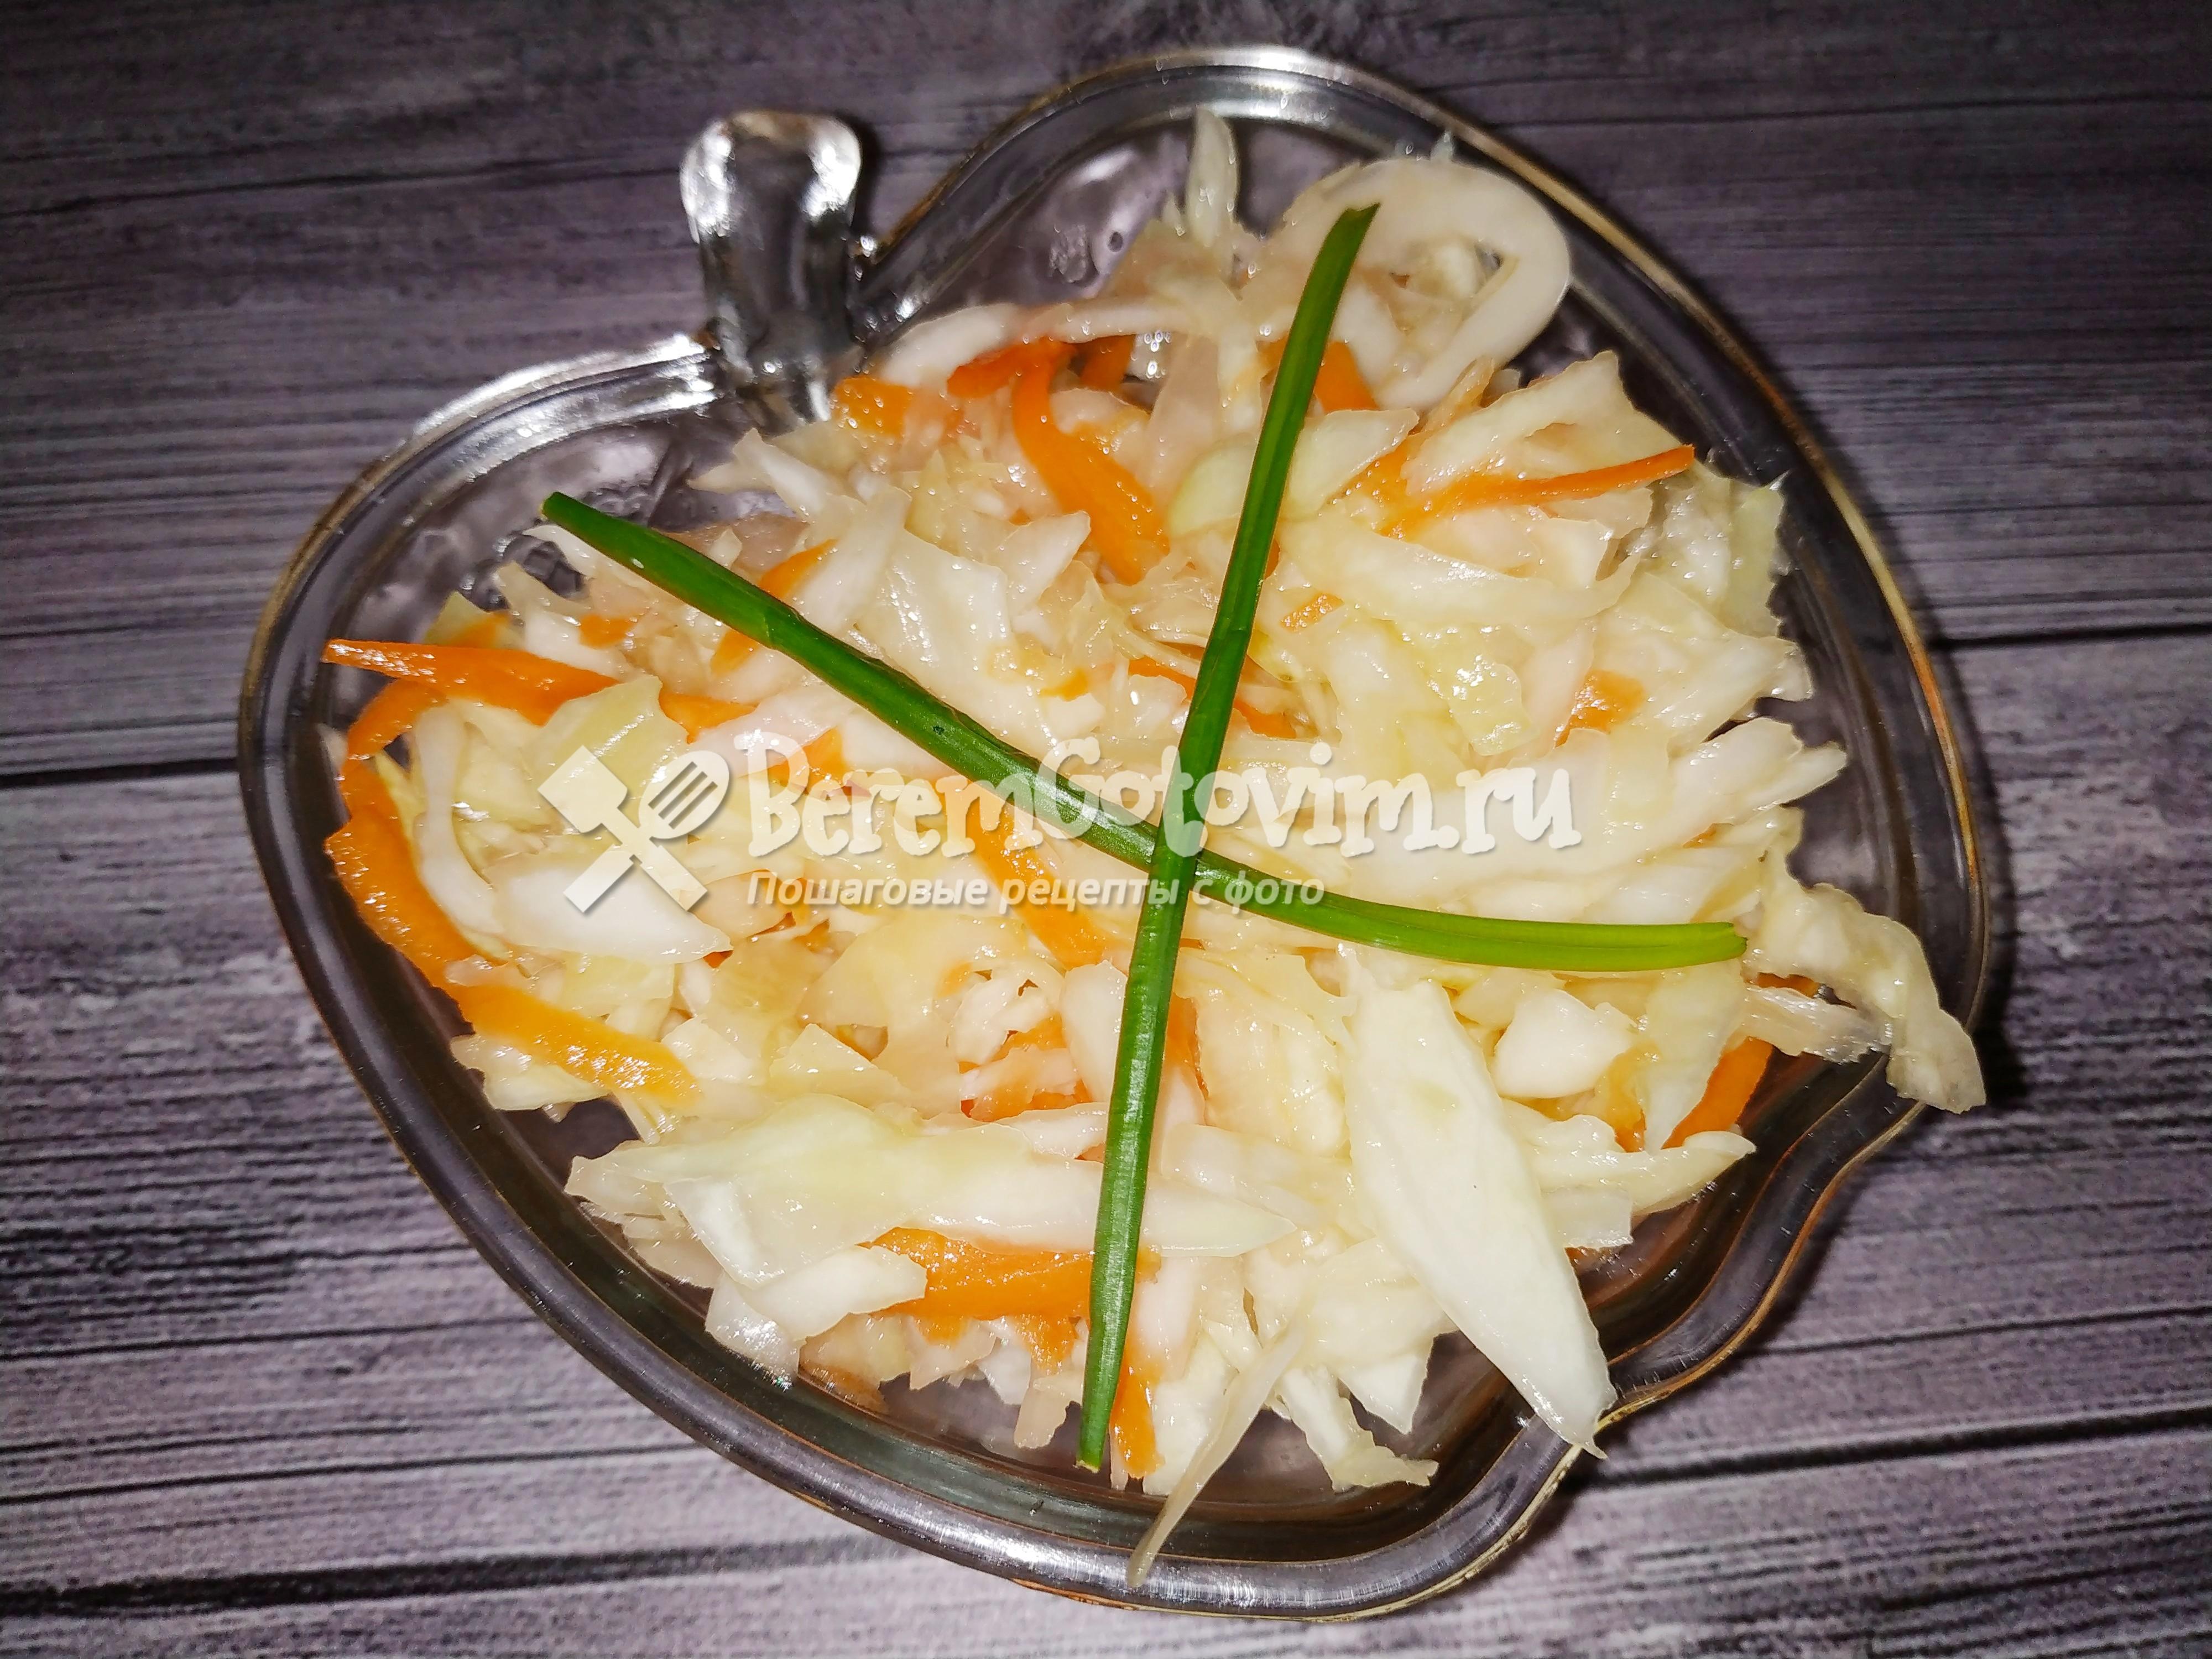 Сочный салат из капусты в маринаде